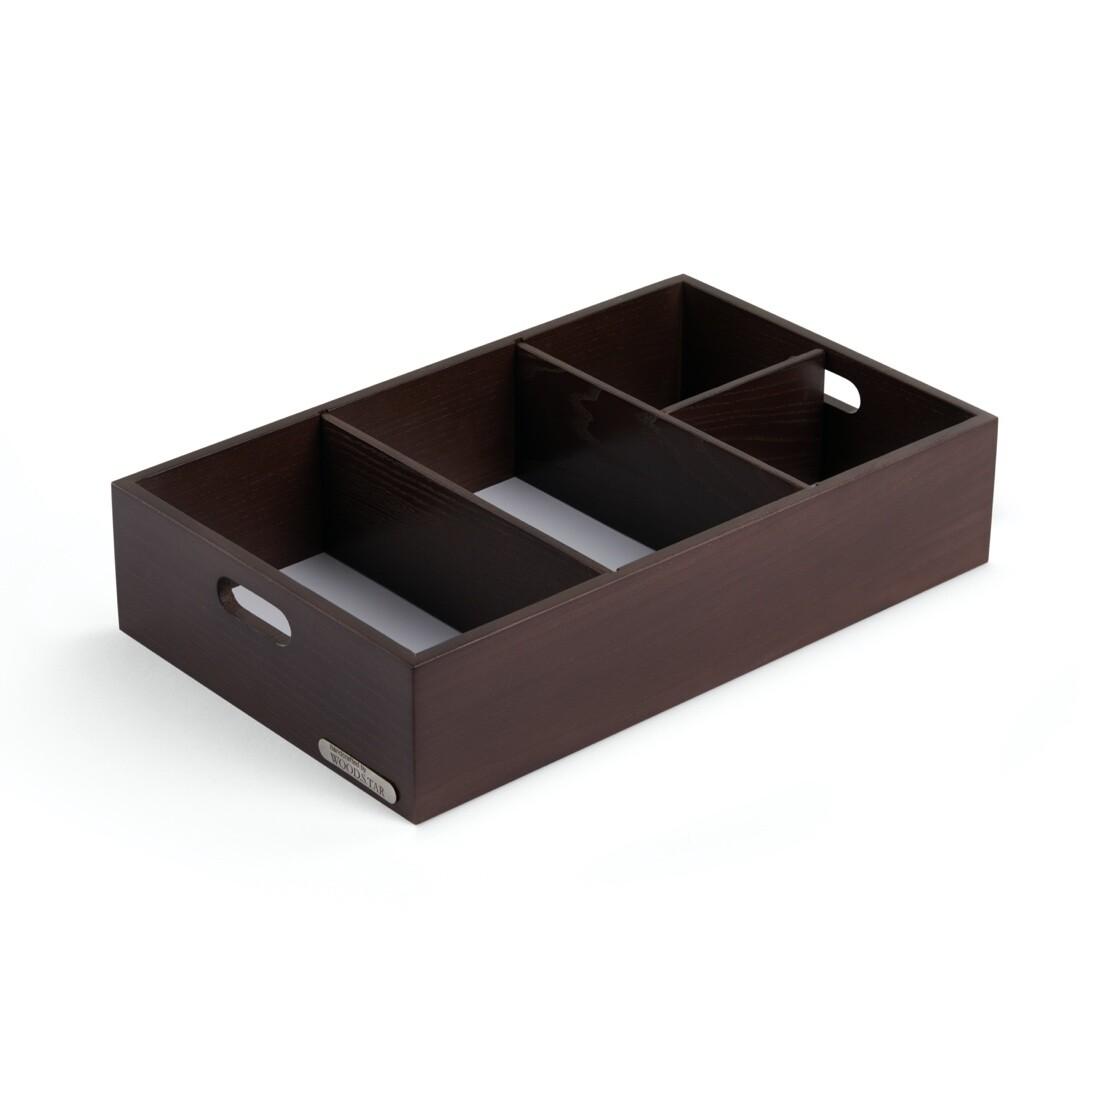 Ящик для хранения со съемными перегородками, 48х28х9 см, коричневый цвет дерева